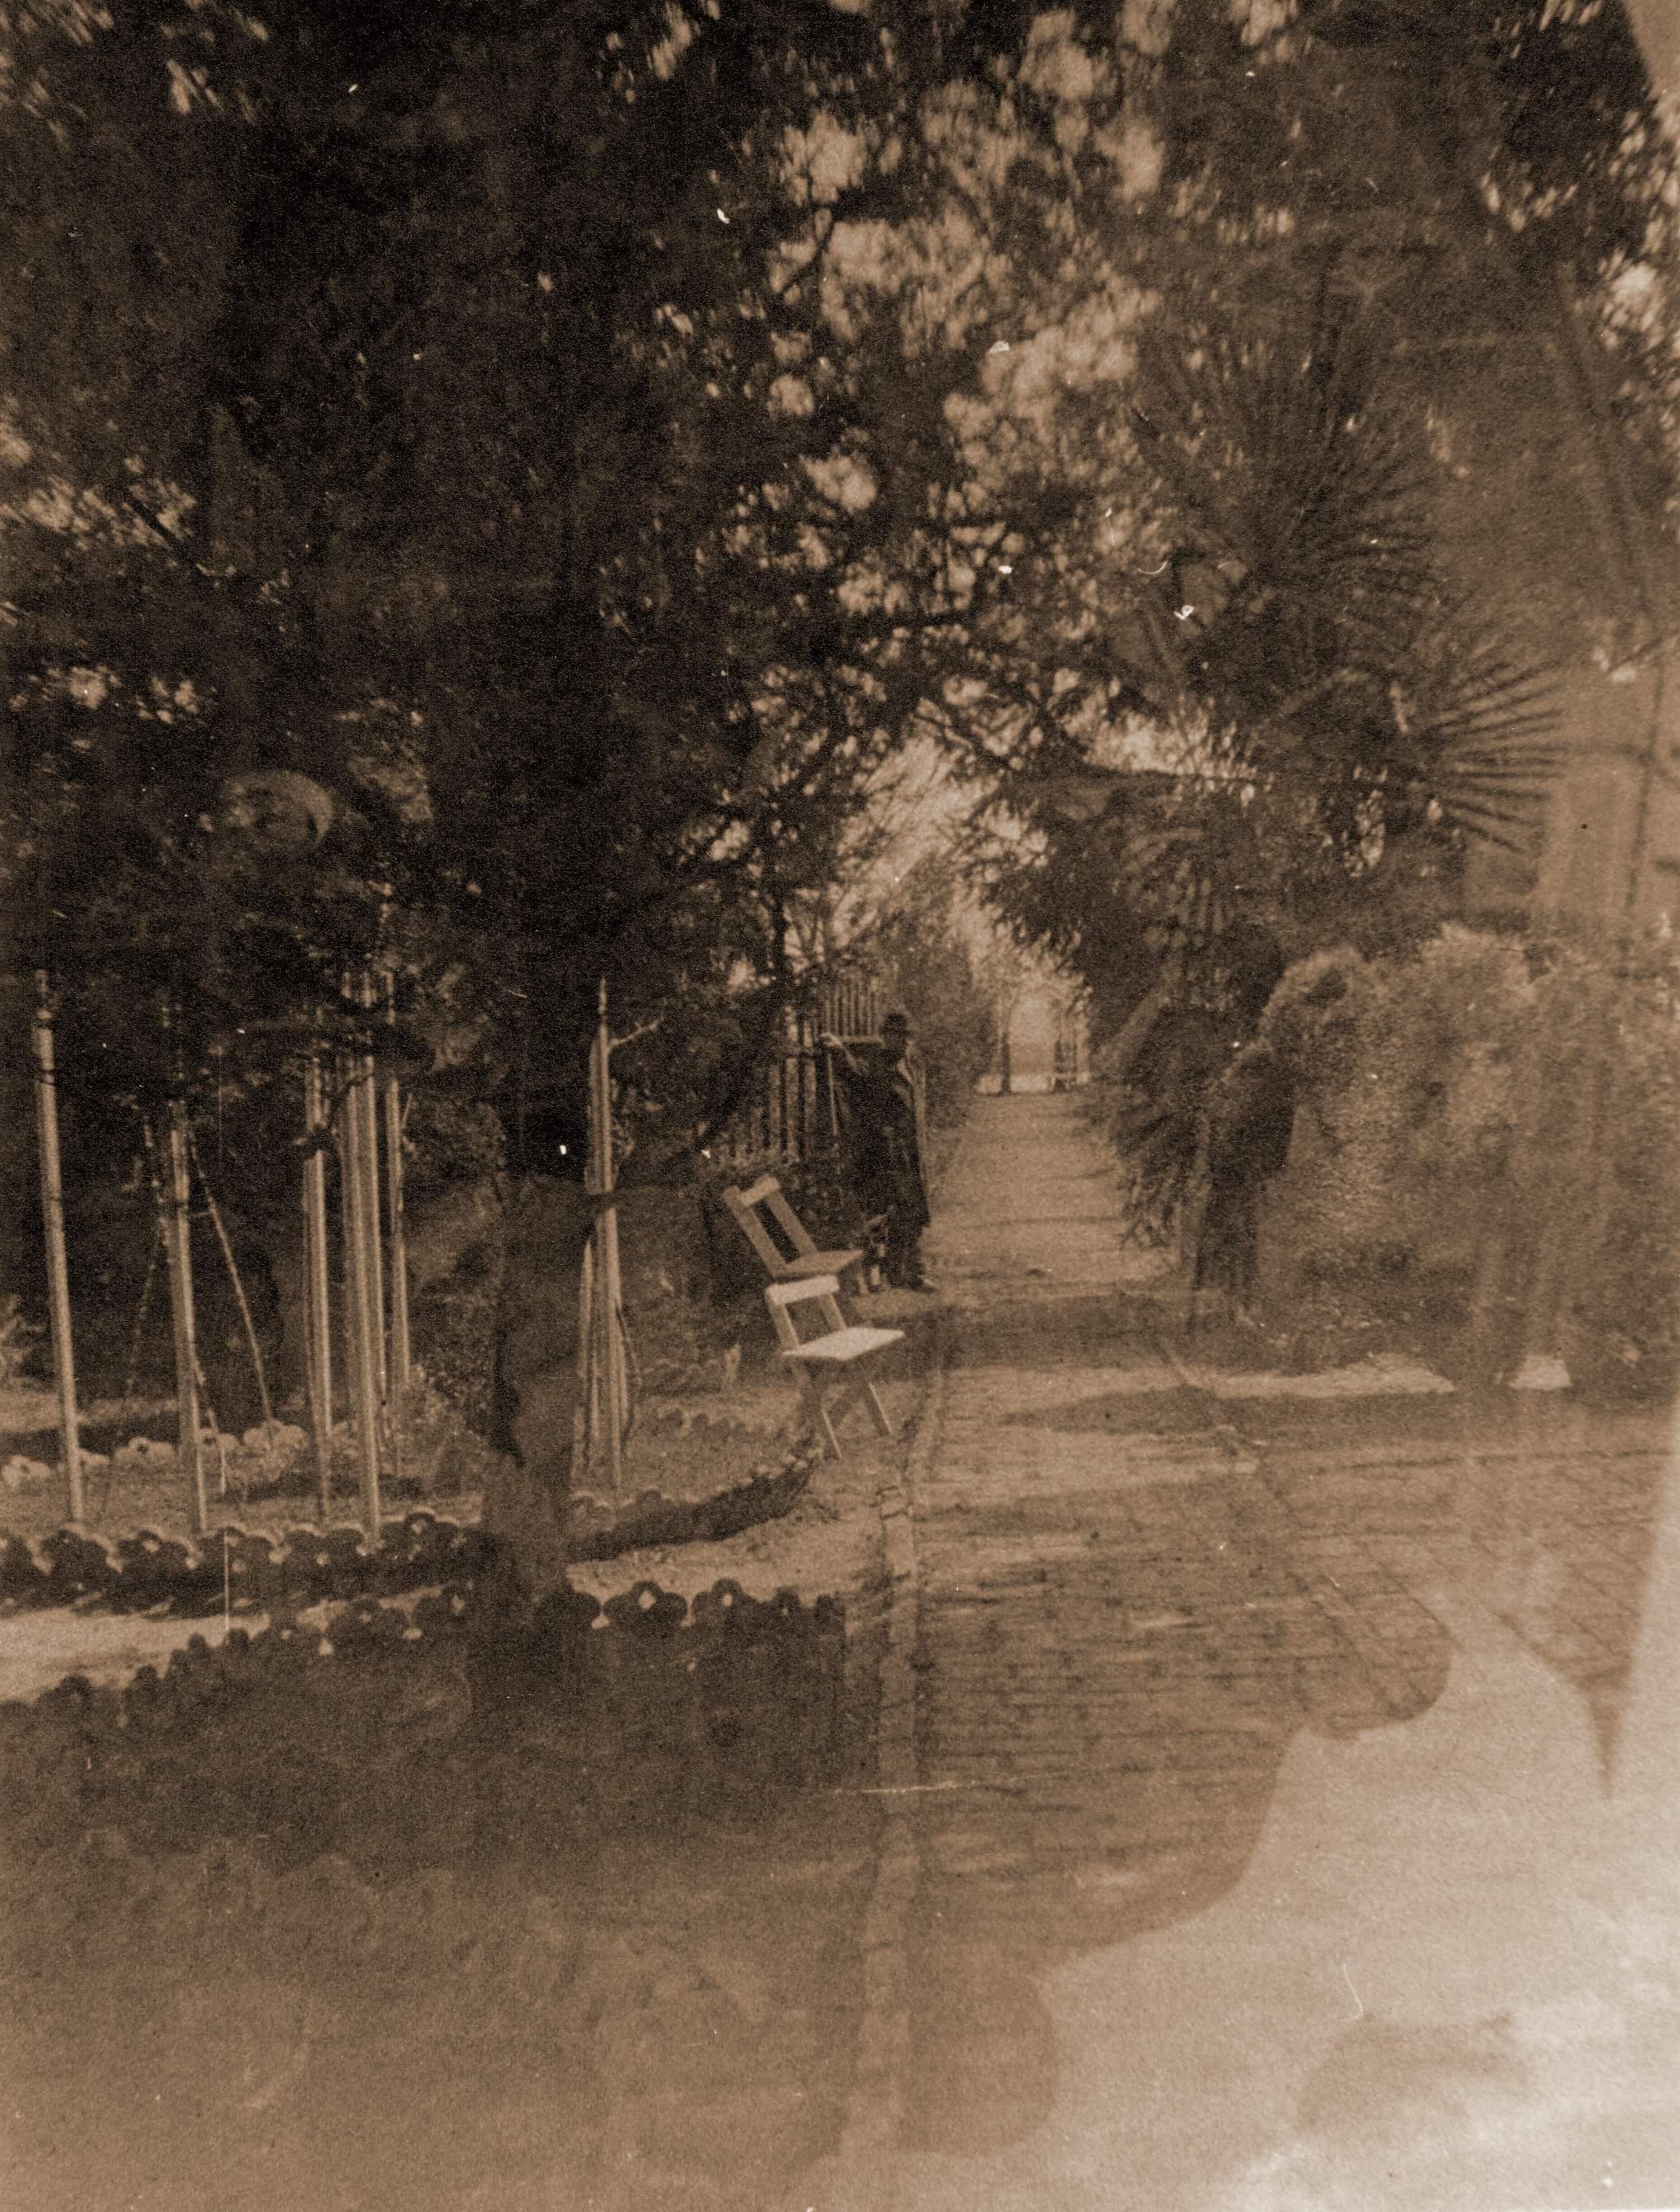 milankovicev-vrt-2-sepija